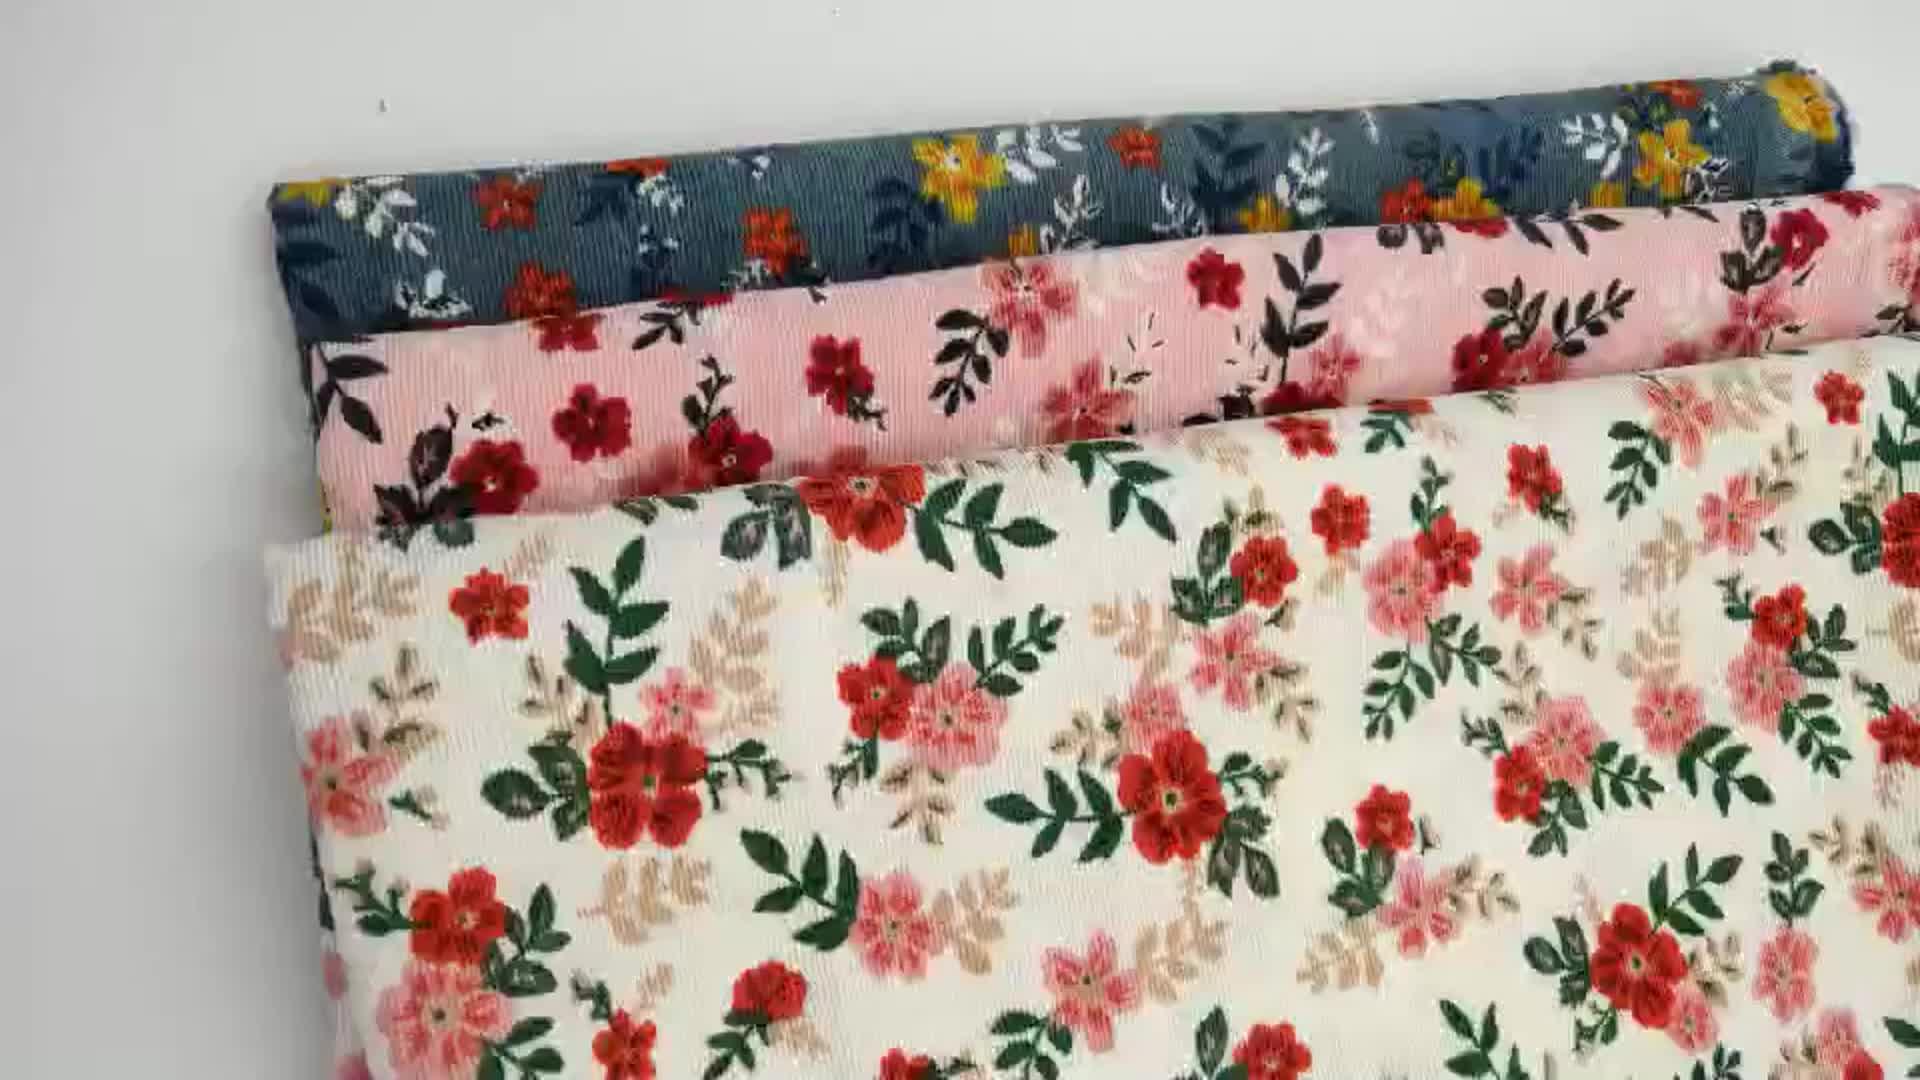 Nhà Cung Cấp Sang Trọng Châu Âu Flower Stretch 21W Cotton Vải To Sợi Vải